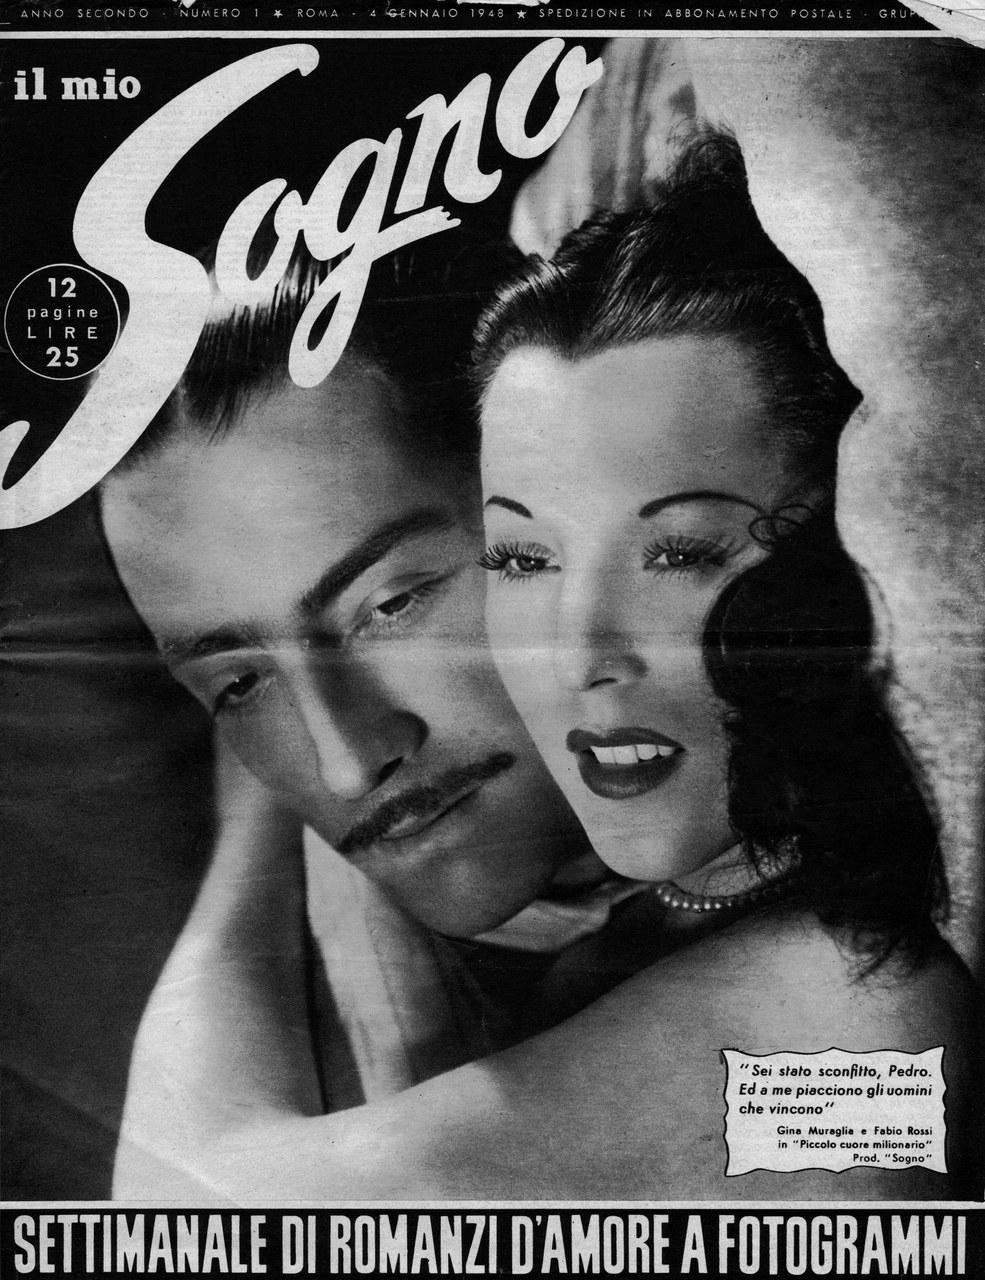 Une des premières couvertures de Il Mio Sogno (4 janvier 1948) qui inaugure le genre du roman-photo